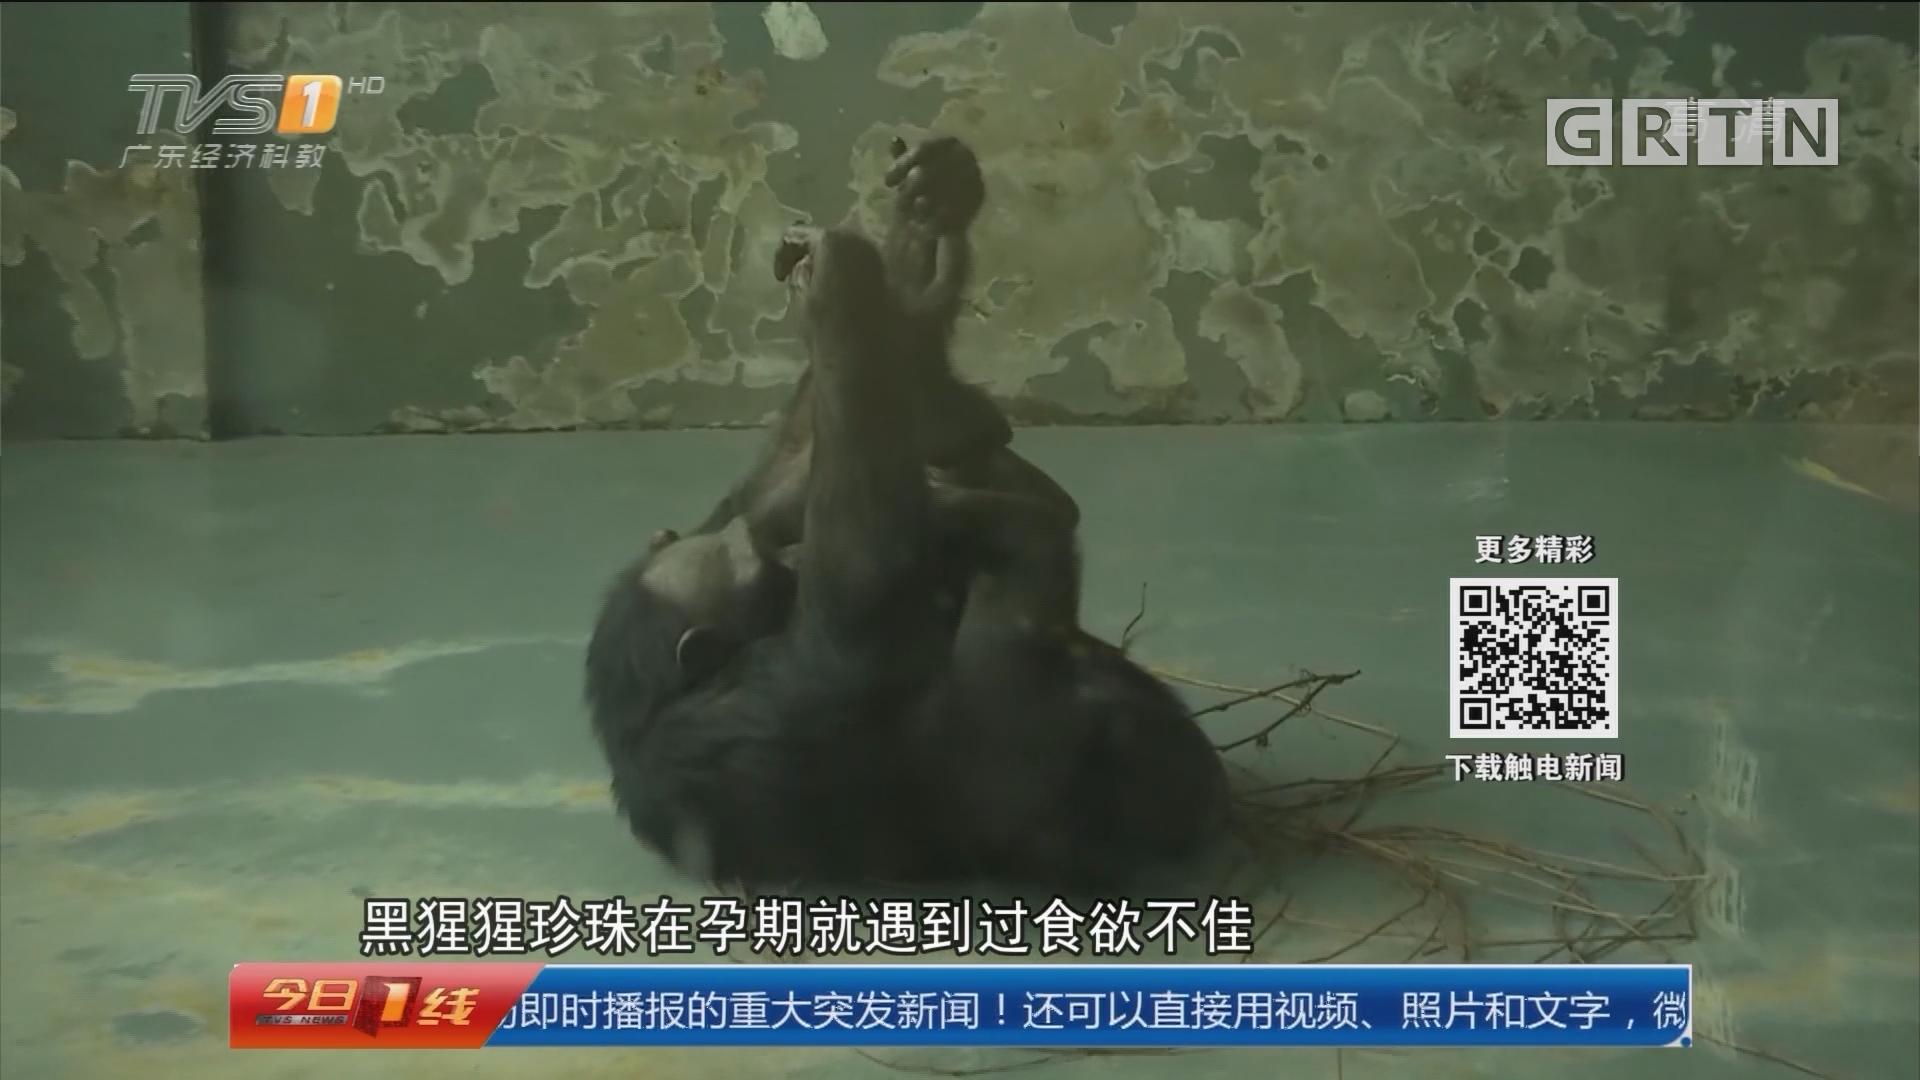 无锡:珍稀黑猩猩生娃 监控记录分娩过程